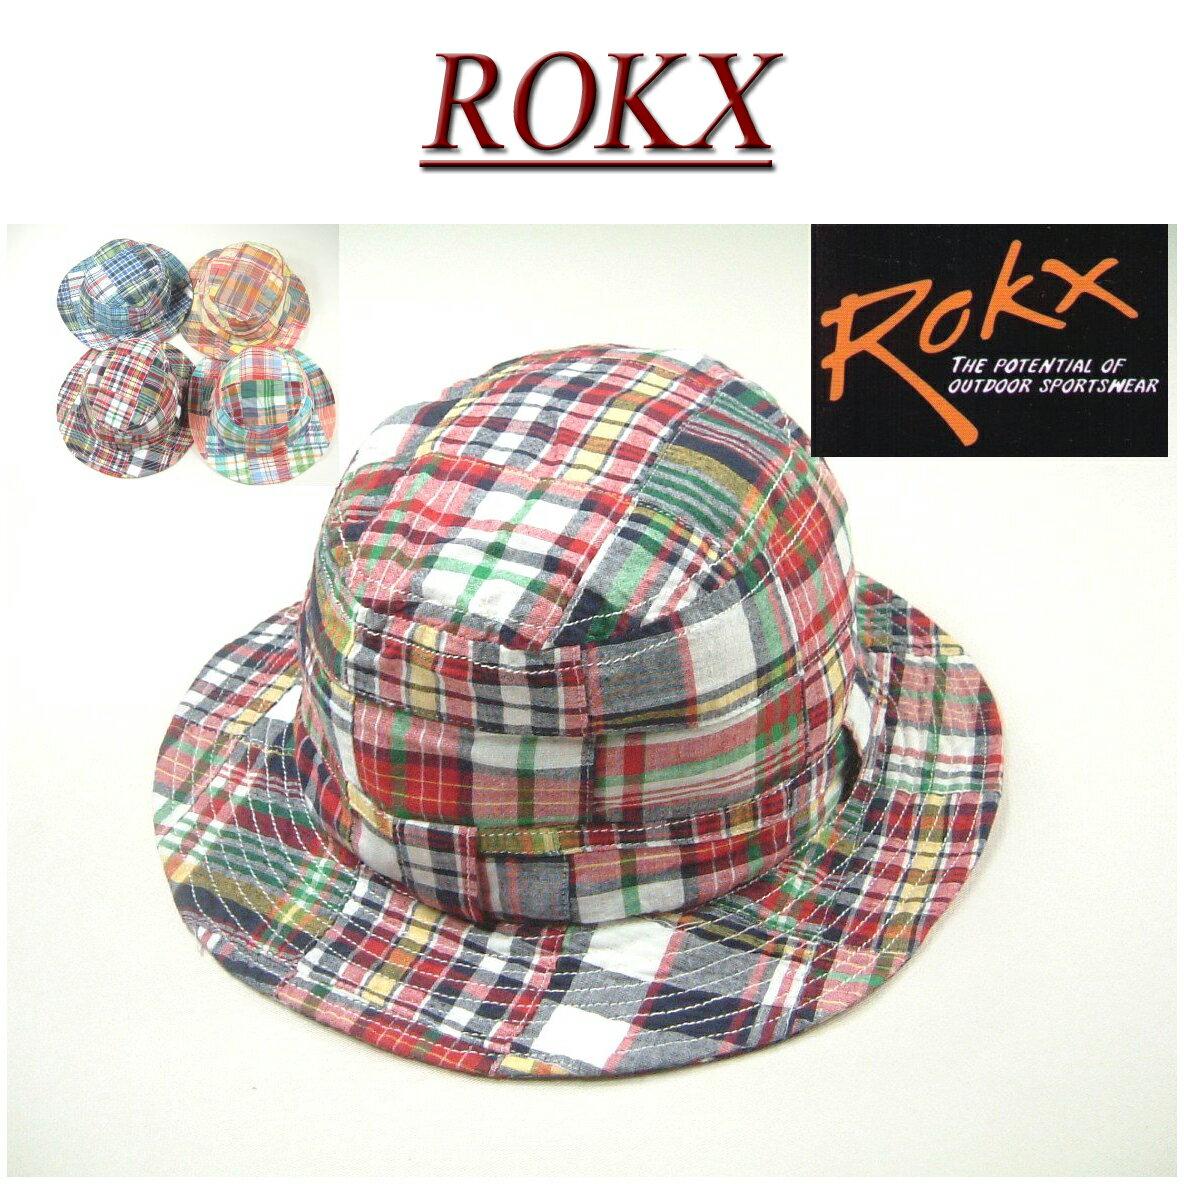 【4色】 rx611 新品 ROKX DAILY HAT ロックス パッチワーク マドラスチェック サファリハット rxh002 アメカジ アウトドア デイリーハット メンズ